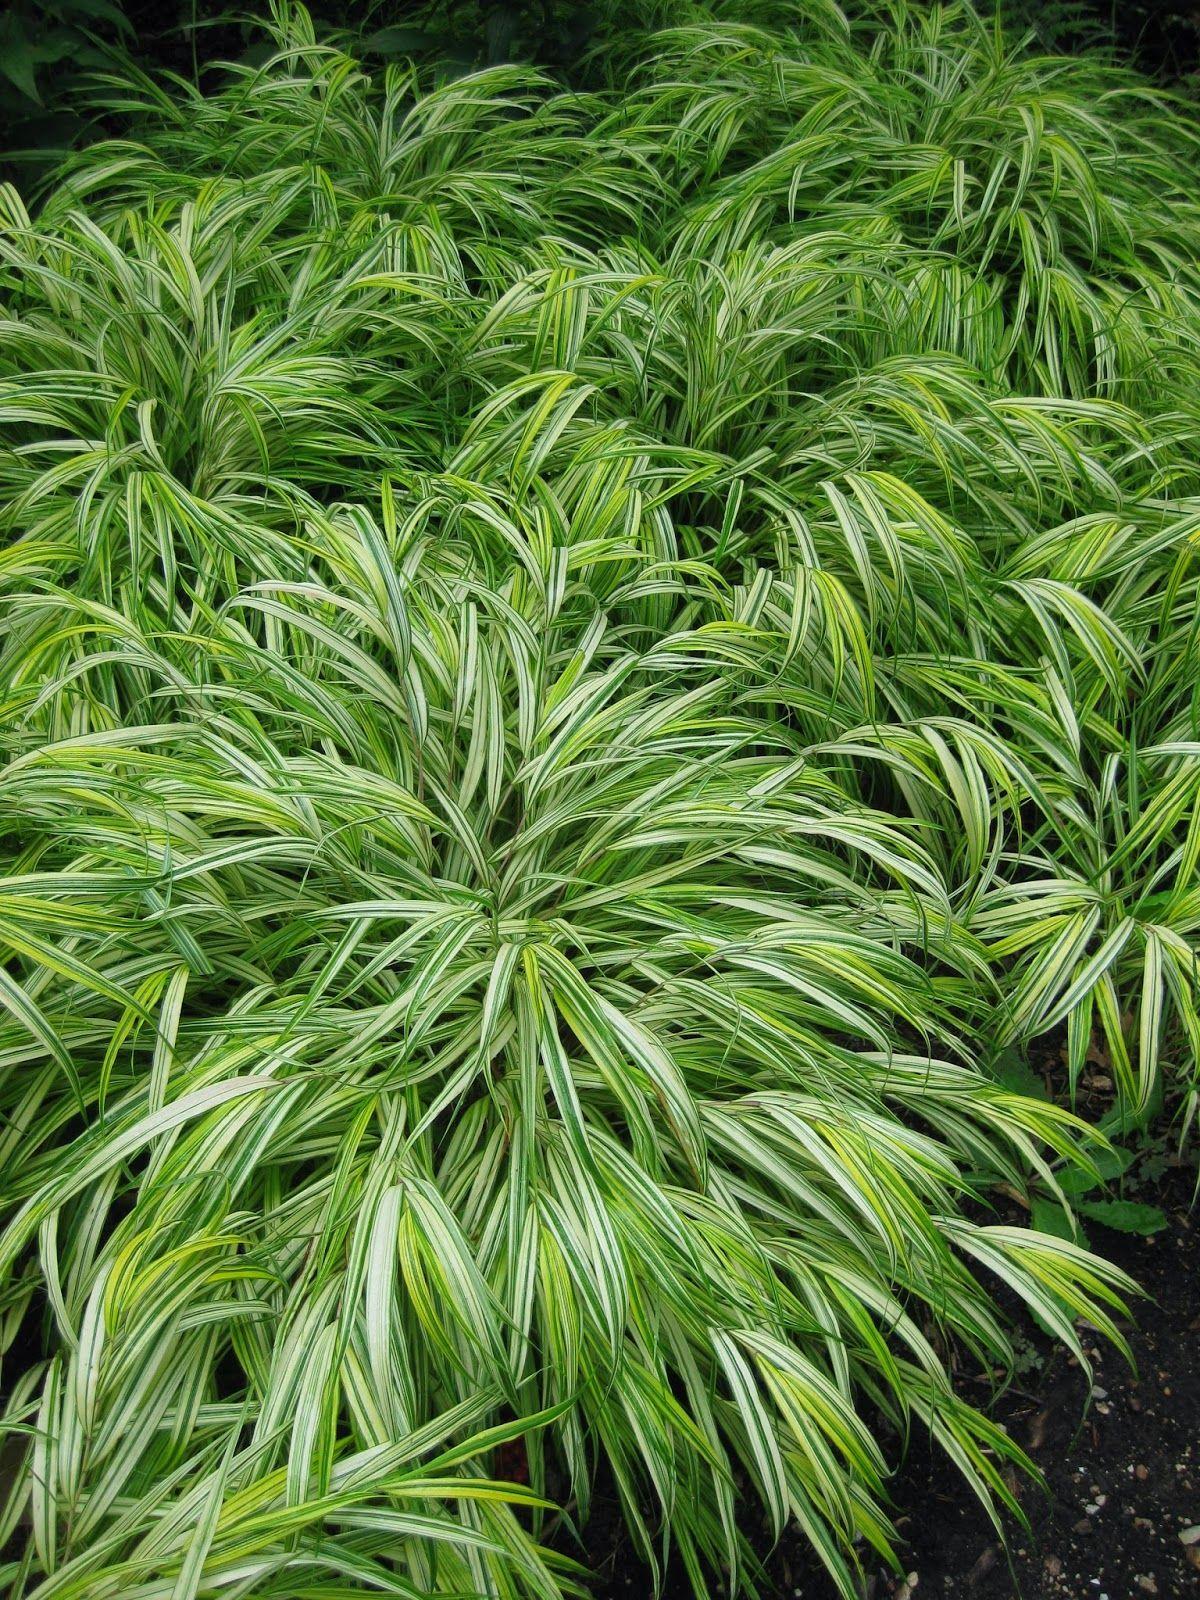 Hakone Grass (Japanese Forest Grass